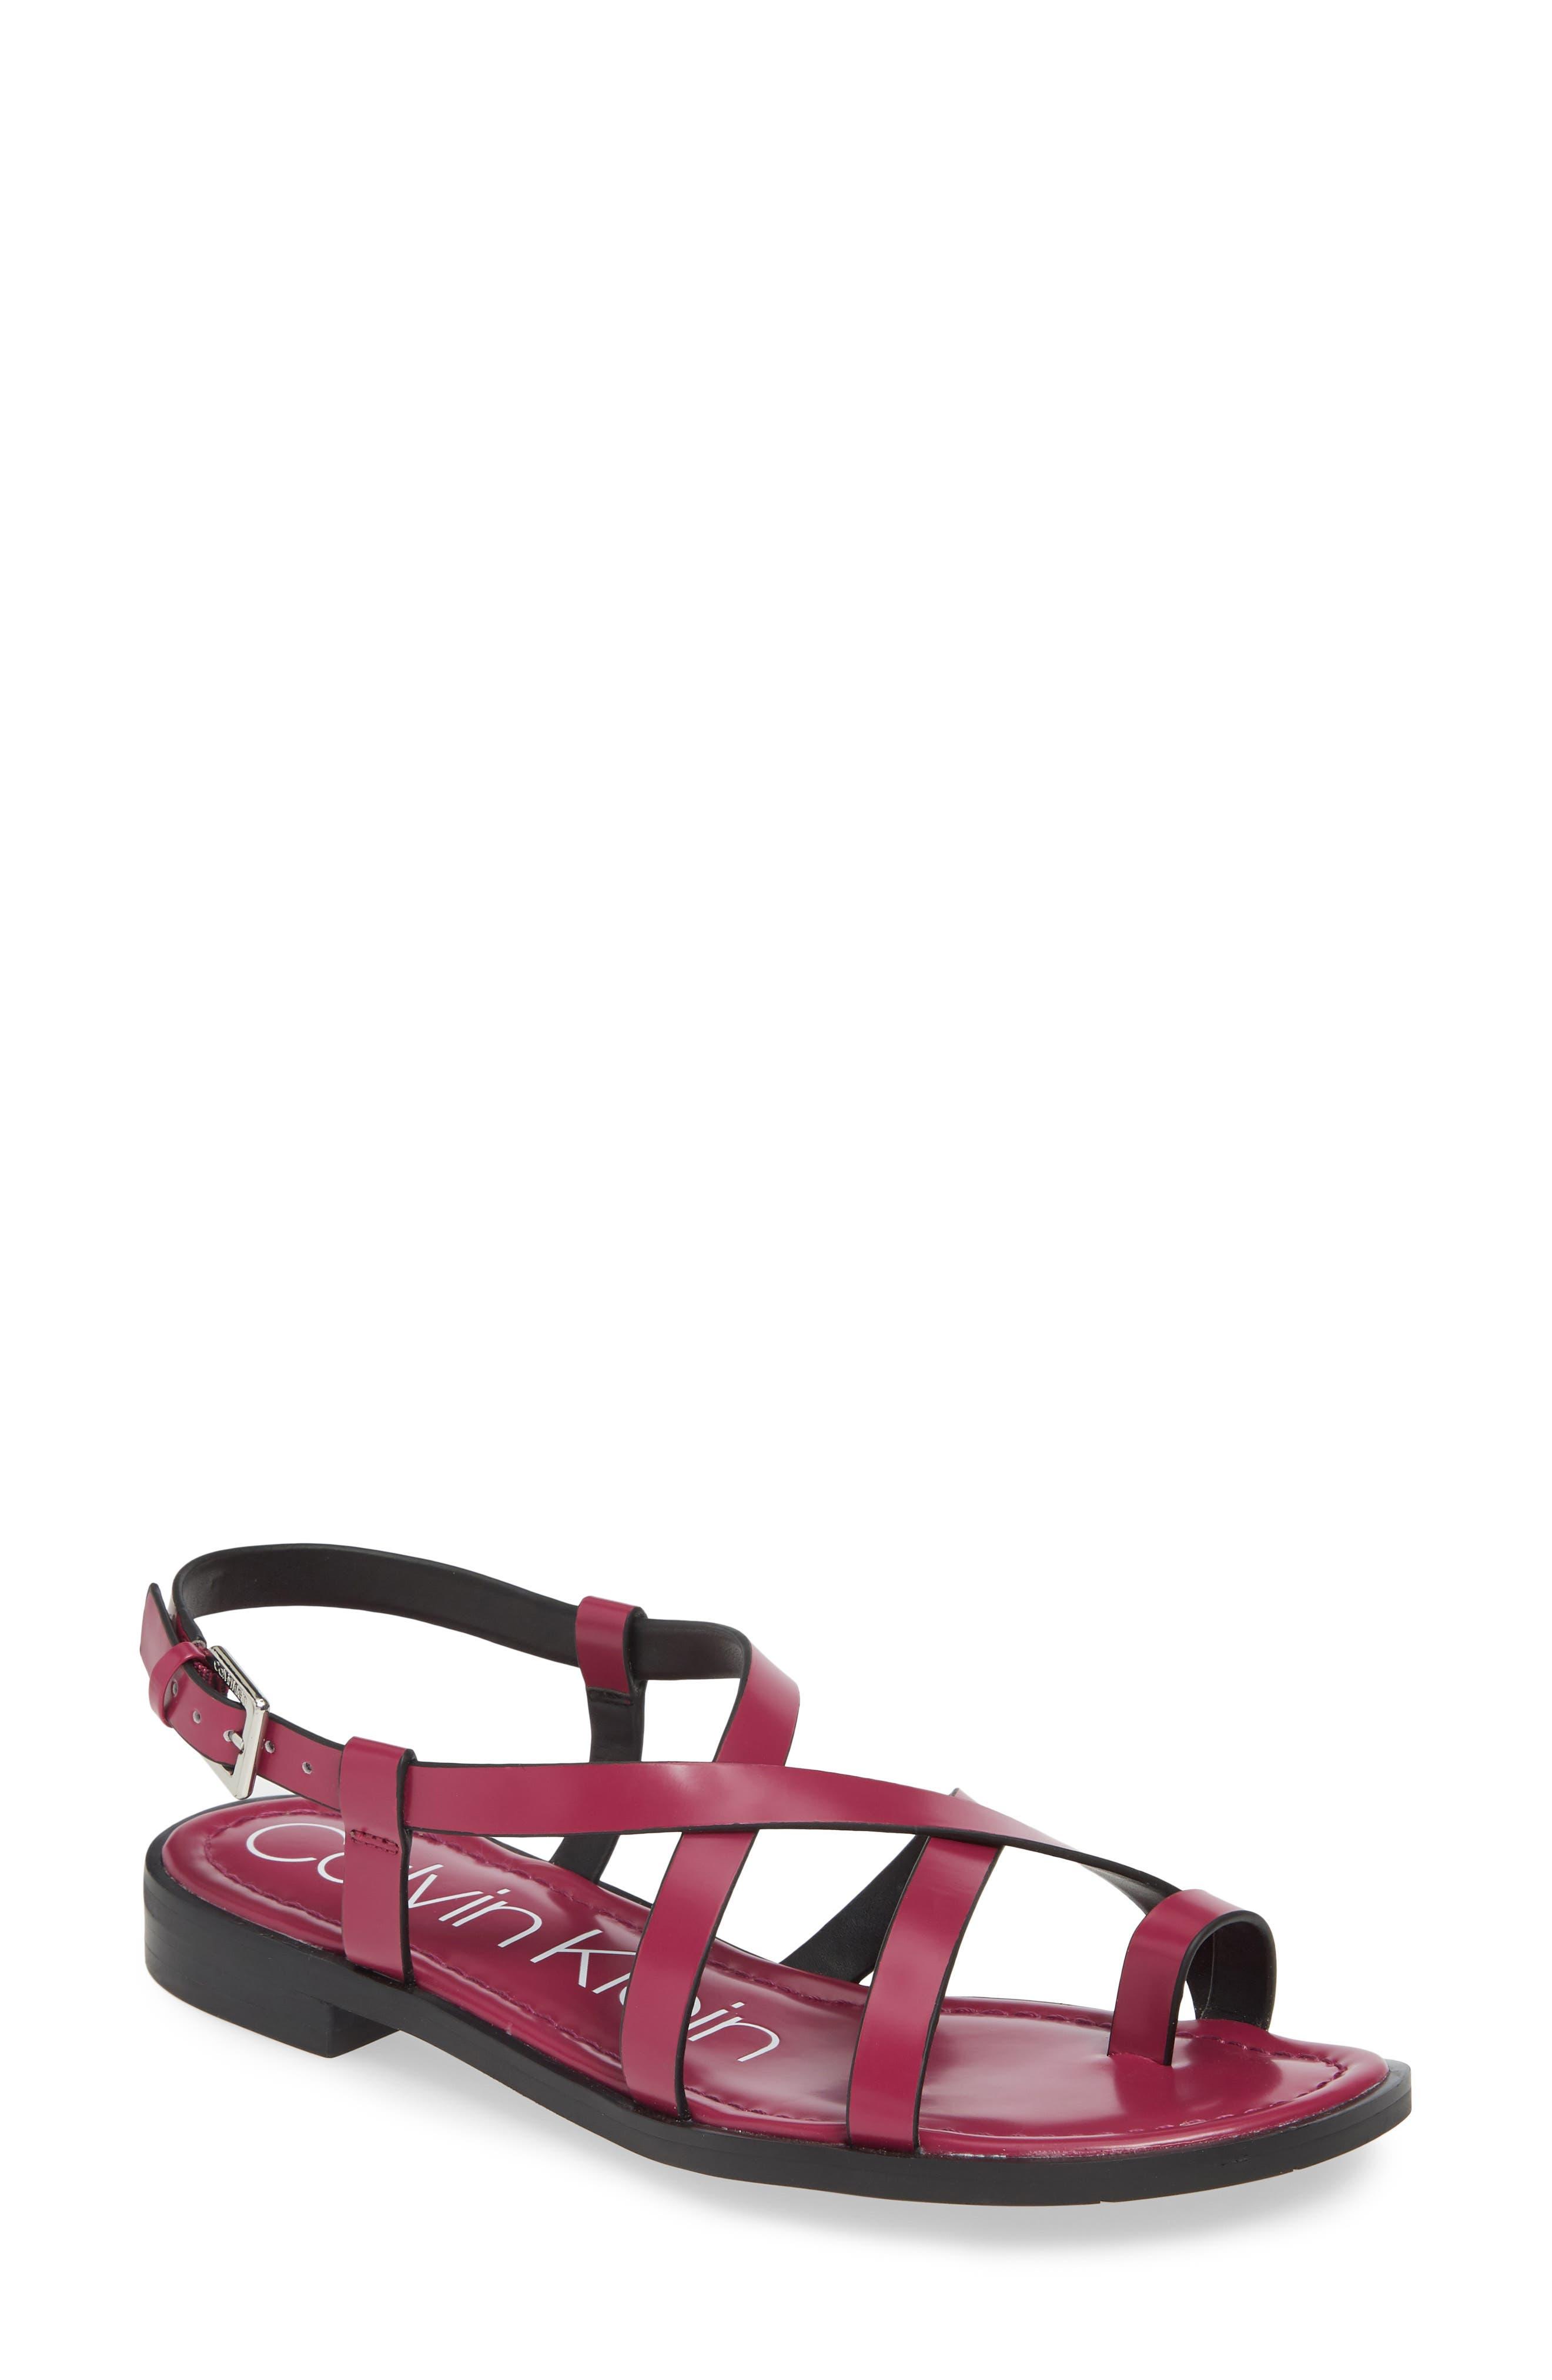 Calvin Klein Tica Sandal, Purple